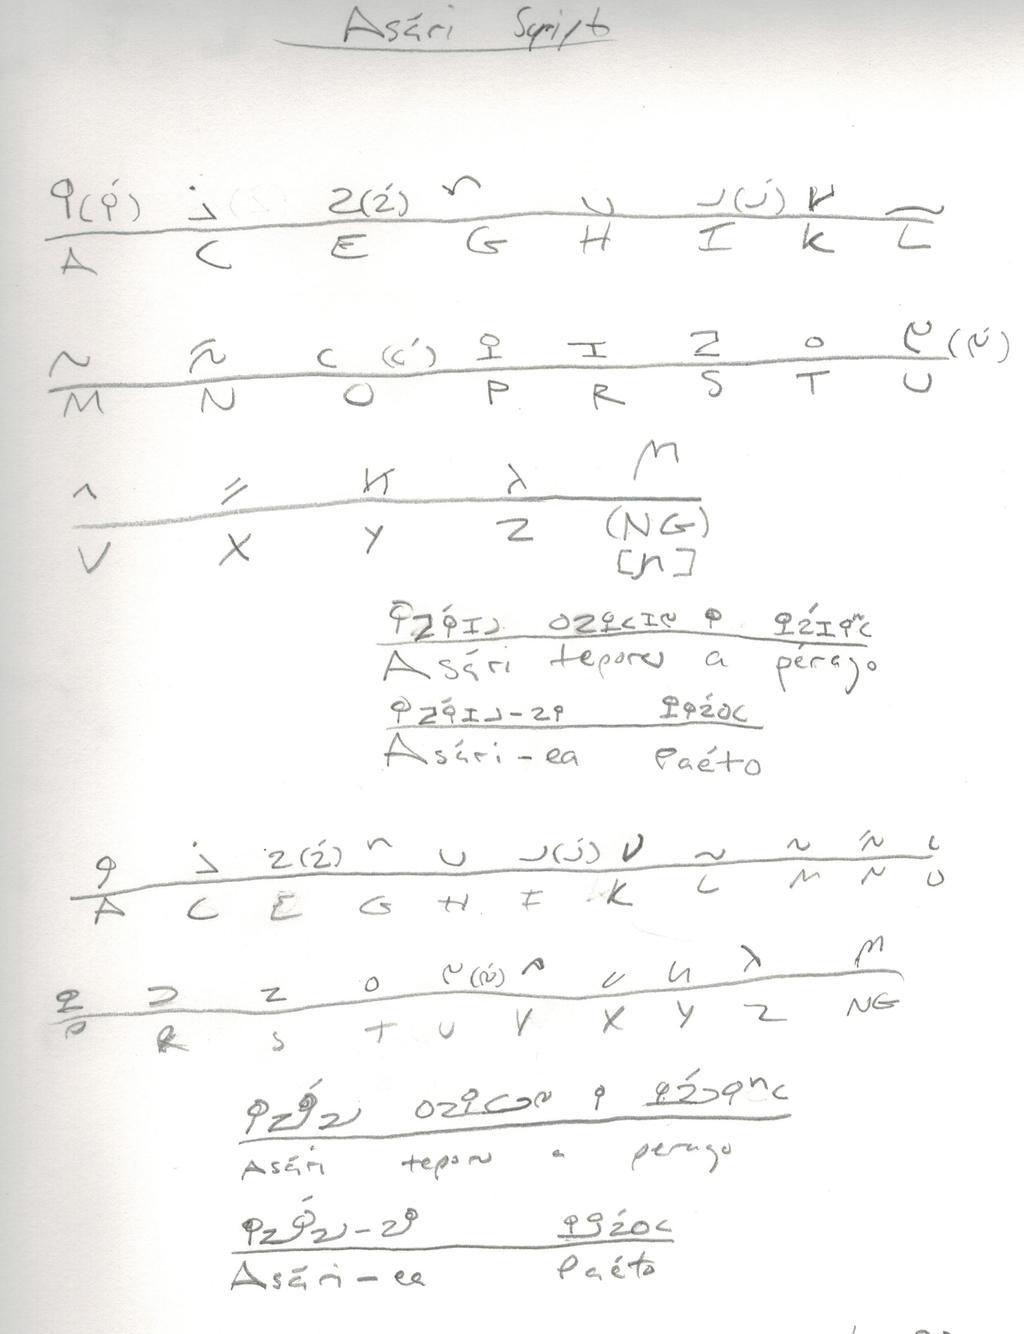 Asari Script by SPARTAN-004